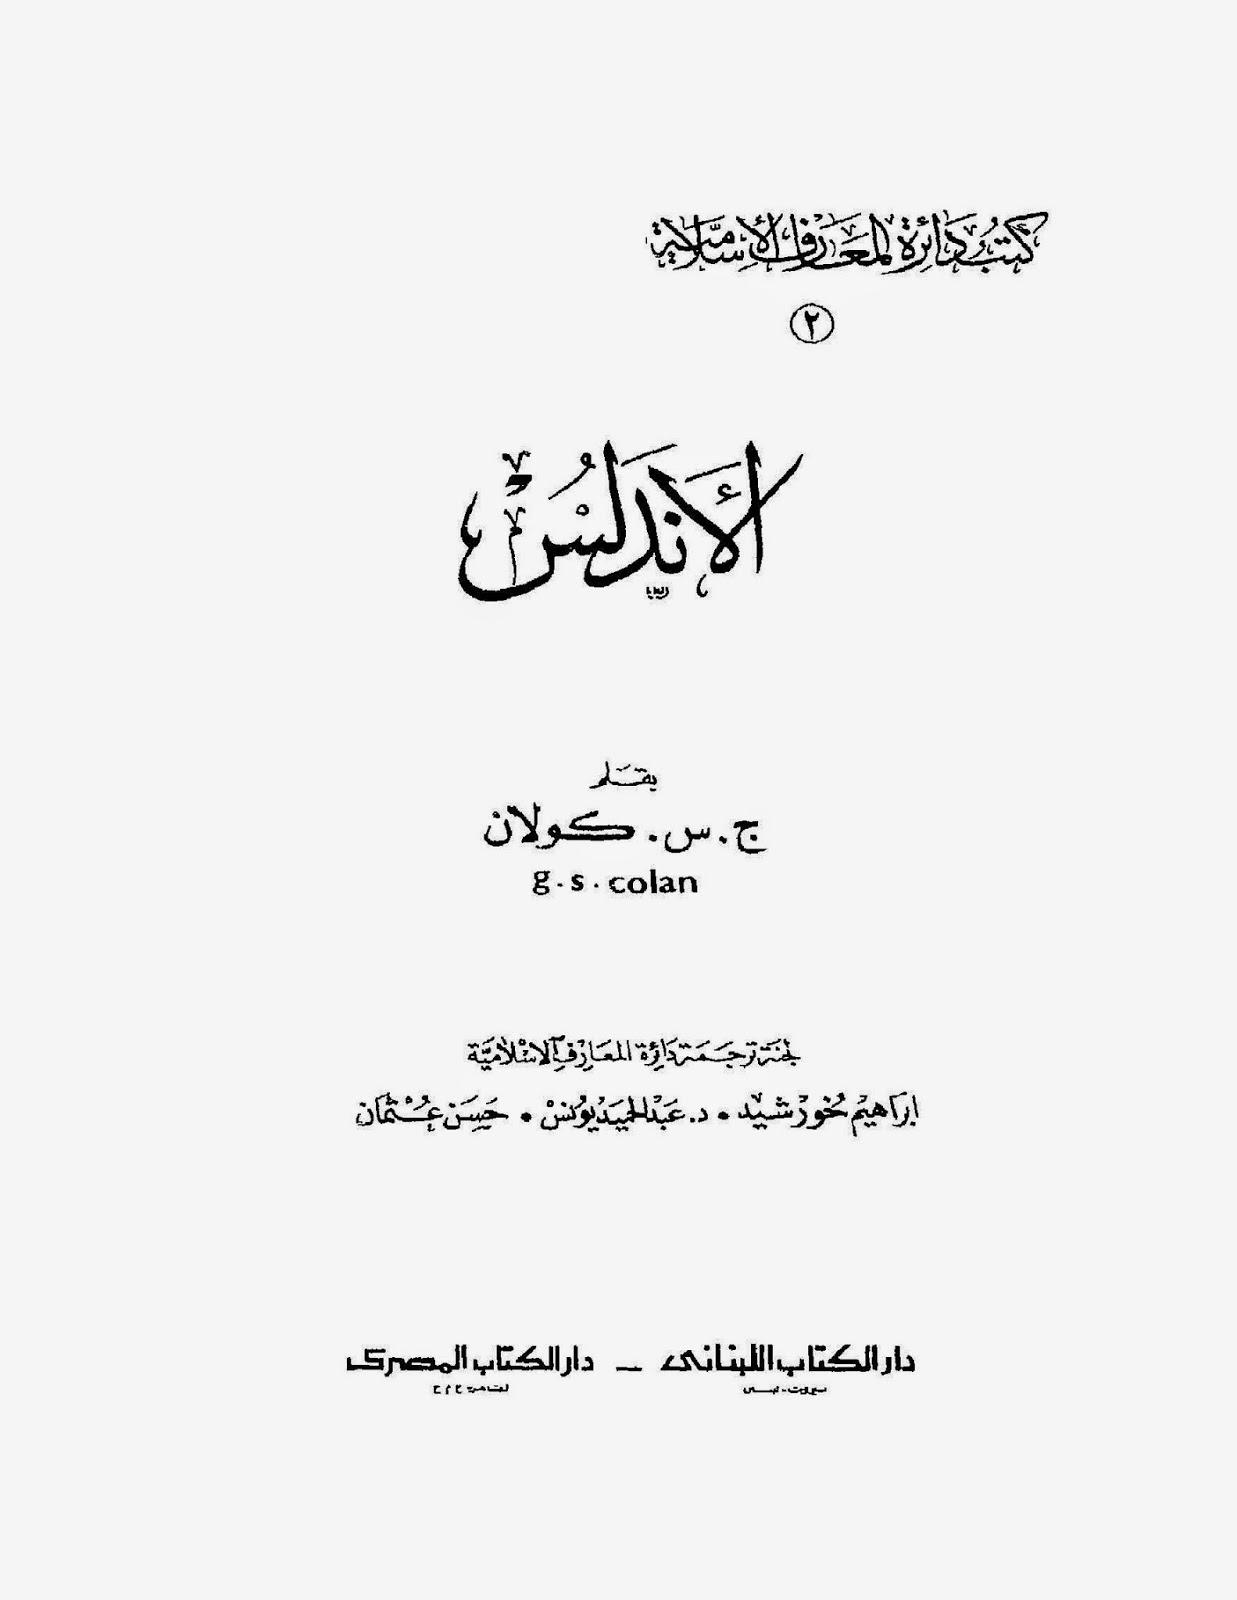 كتاب الأندلس لـ ج . س . كولان